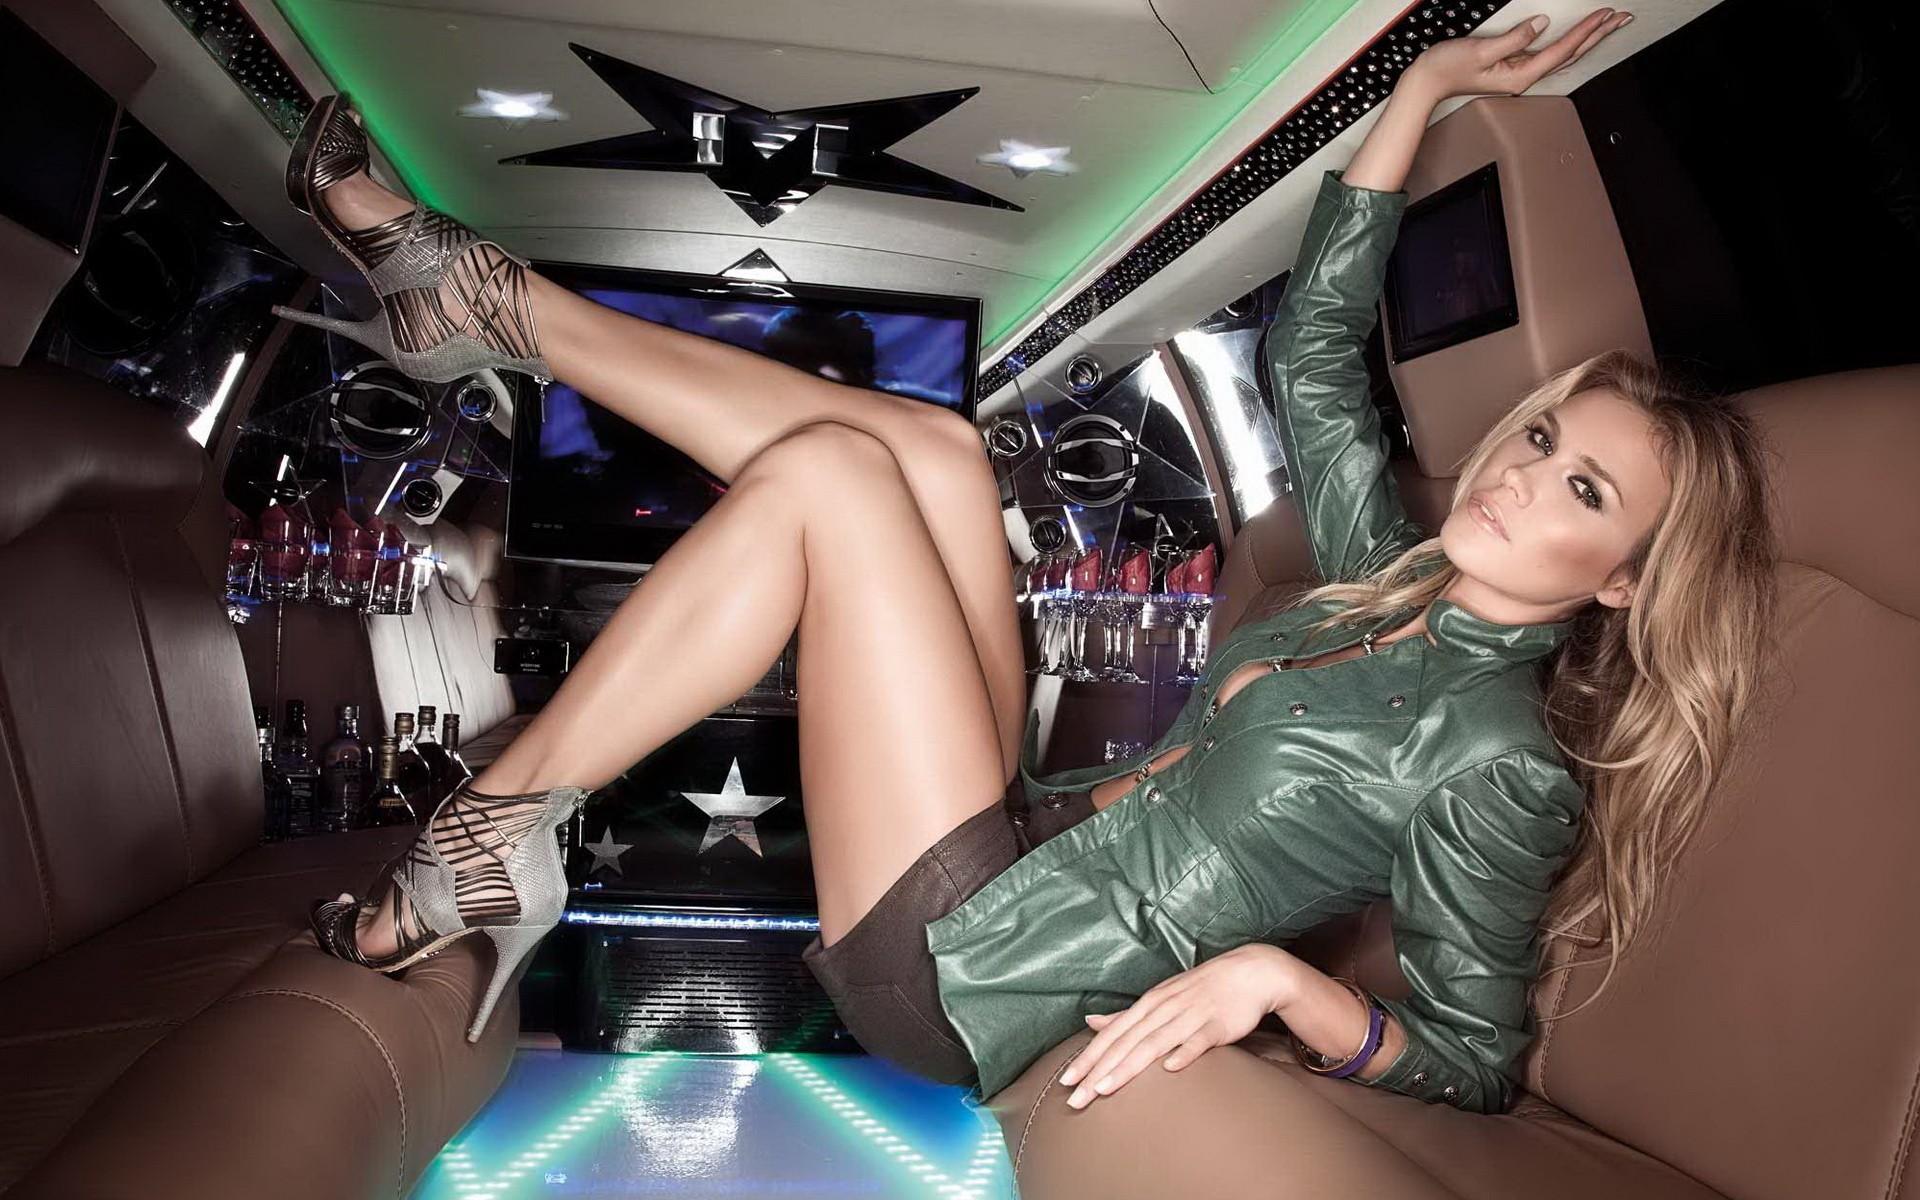 Фото секси гламурных, Гламурные девушки с шикарными прелестями. Фото 6 фотография